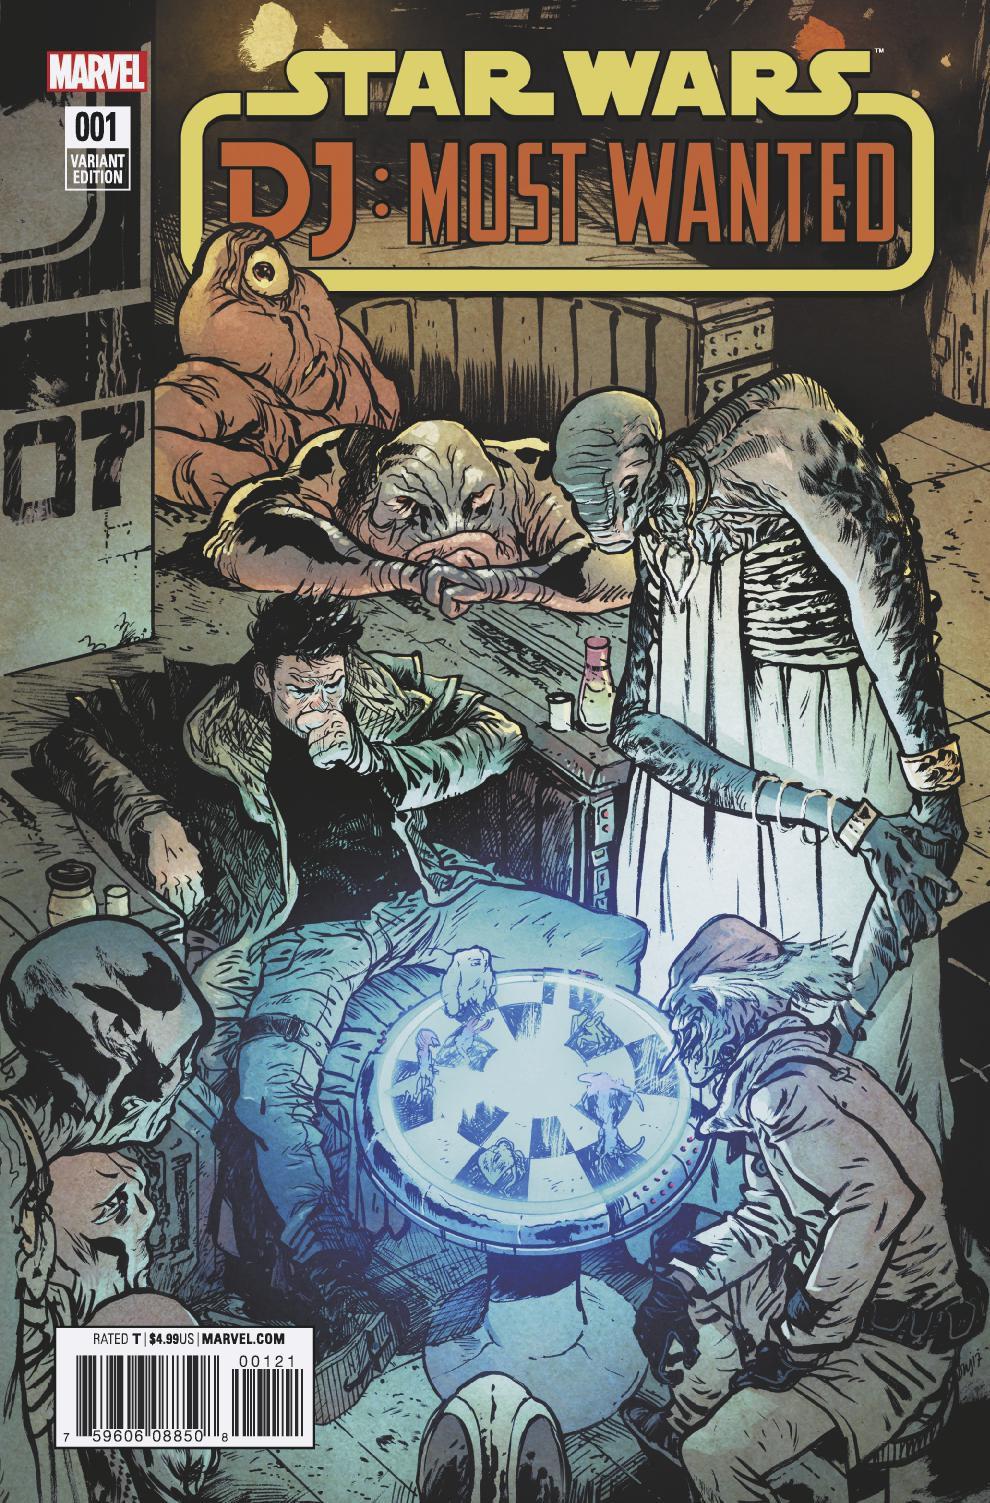 Star Wars: The Last Jedi: DJ: Most Wanted #1 (Daniel Warren Johnson Variant Cover) (31.01.2018)